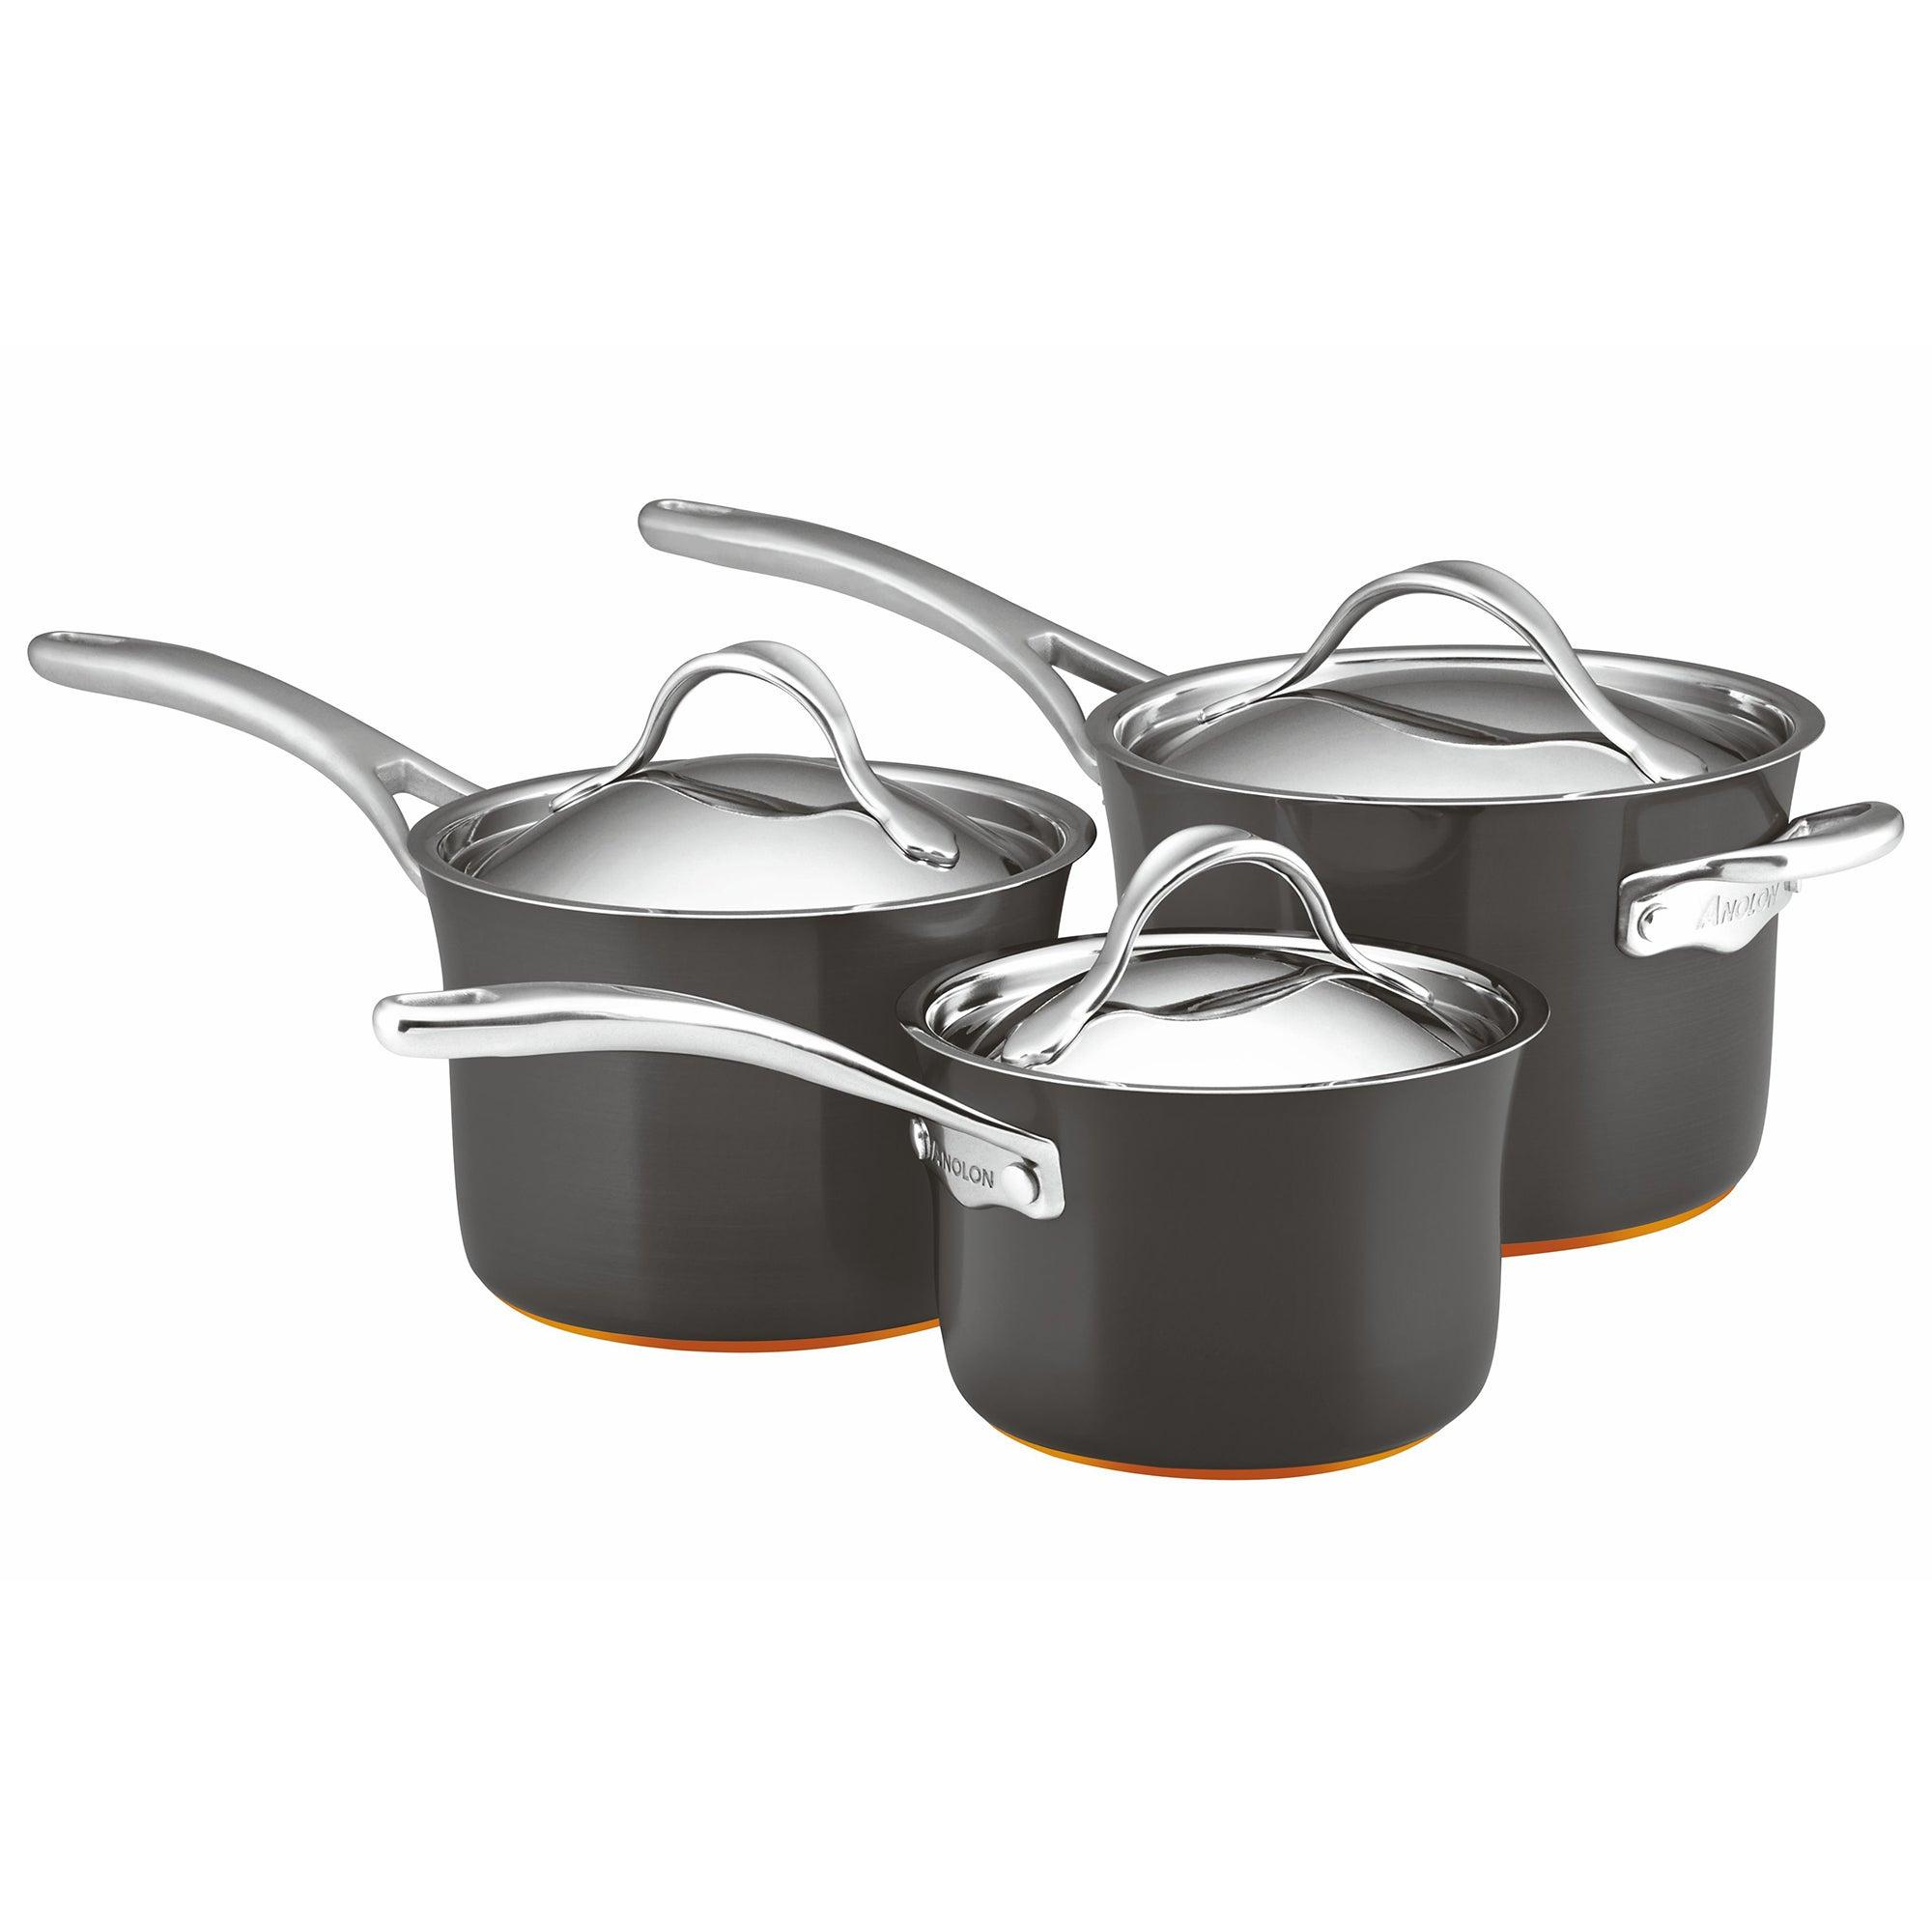 Anolon Nouvelle Copper 3 Piece Pan Set Black